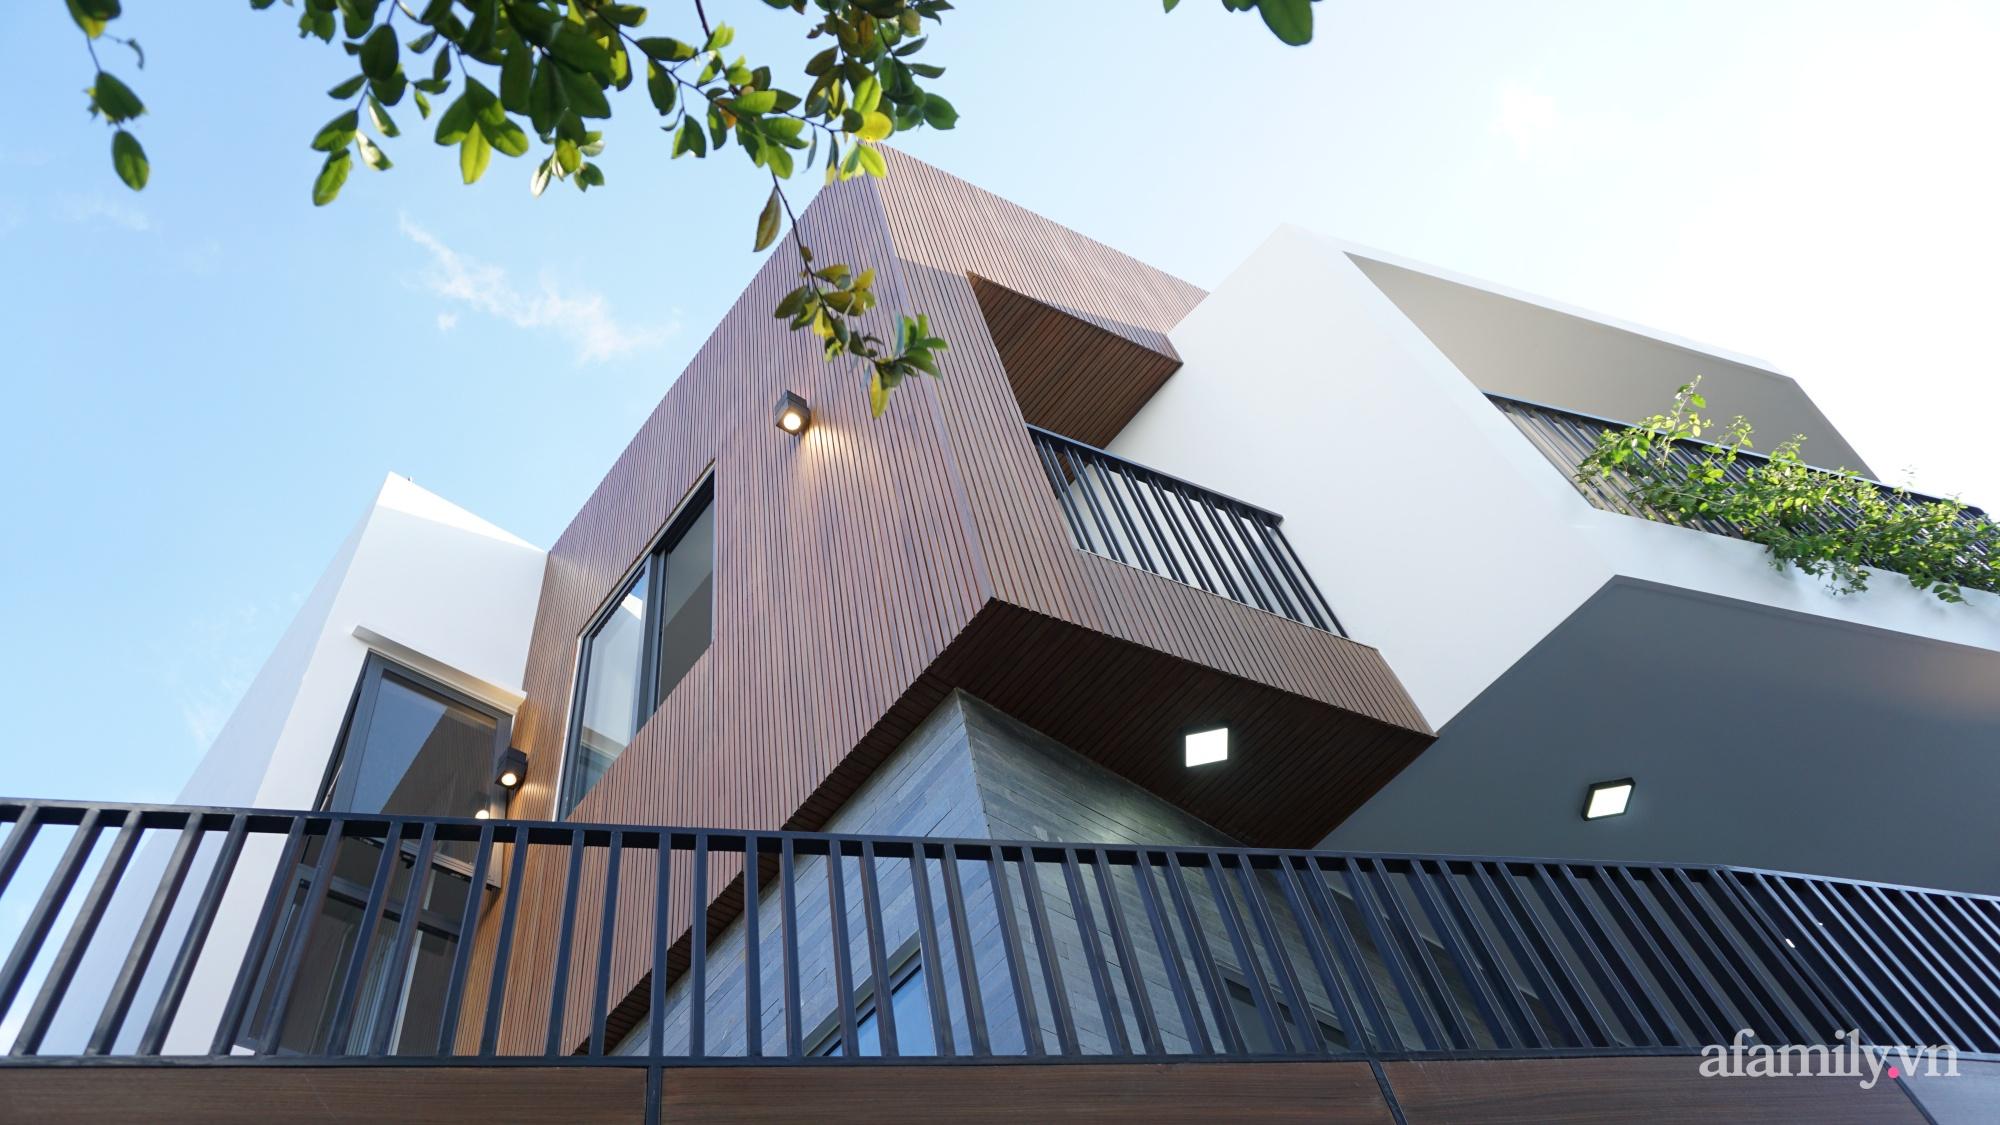 Nhà trong hẻm nhỏ vẫn ngập tràn ánh sáng, duyên dáng với nội thất tối giản ở Đà Nẵng - Ảnh 3.